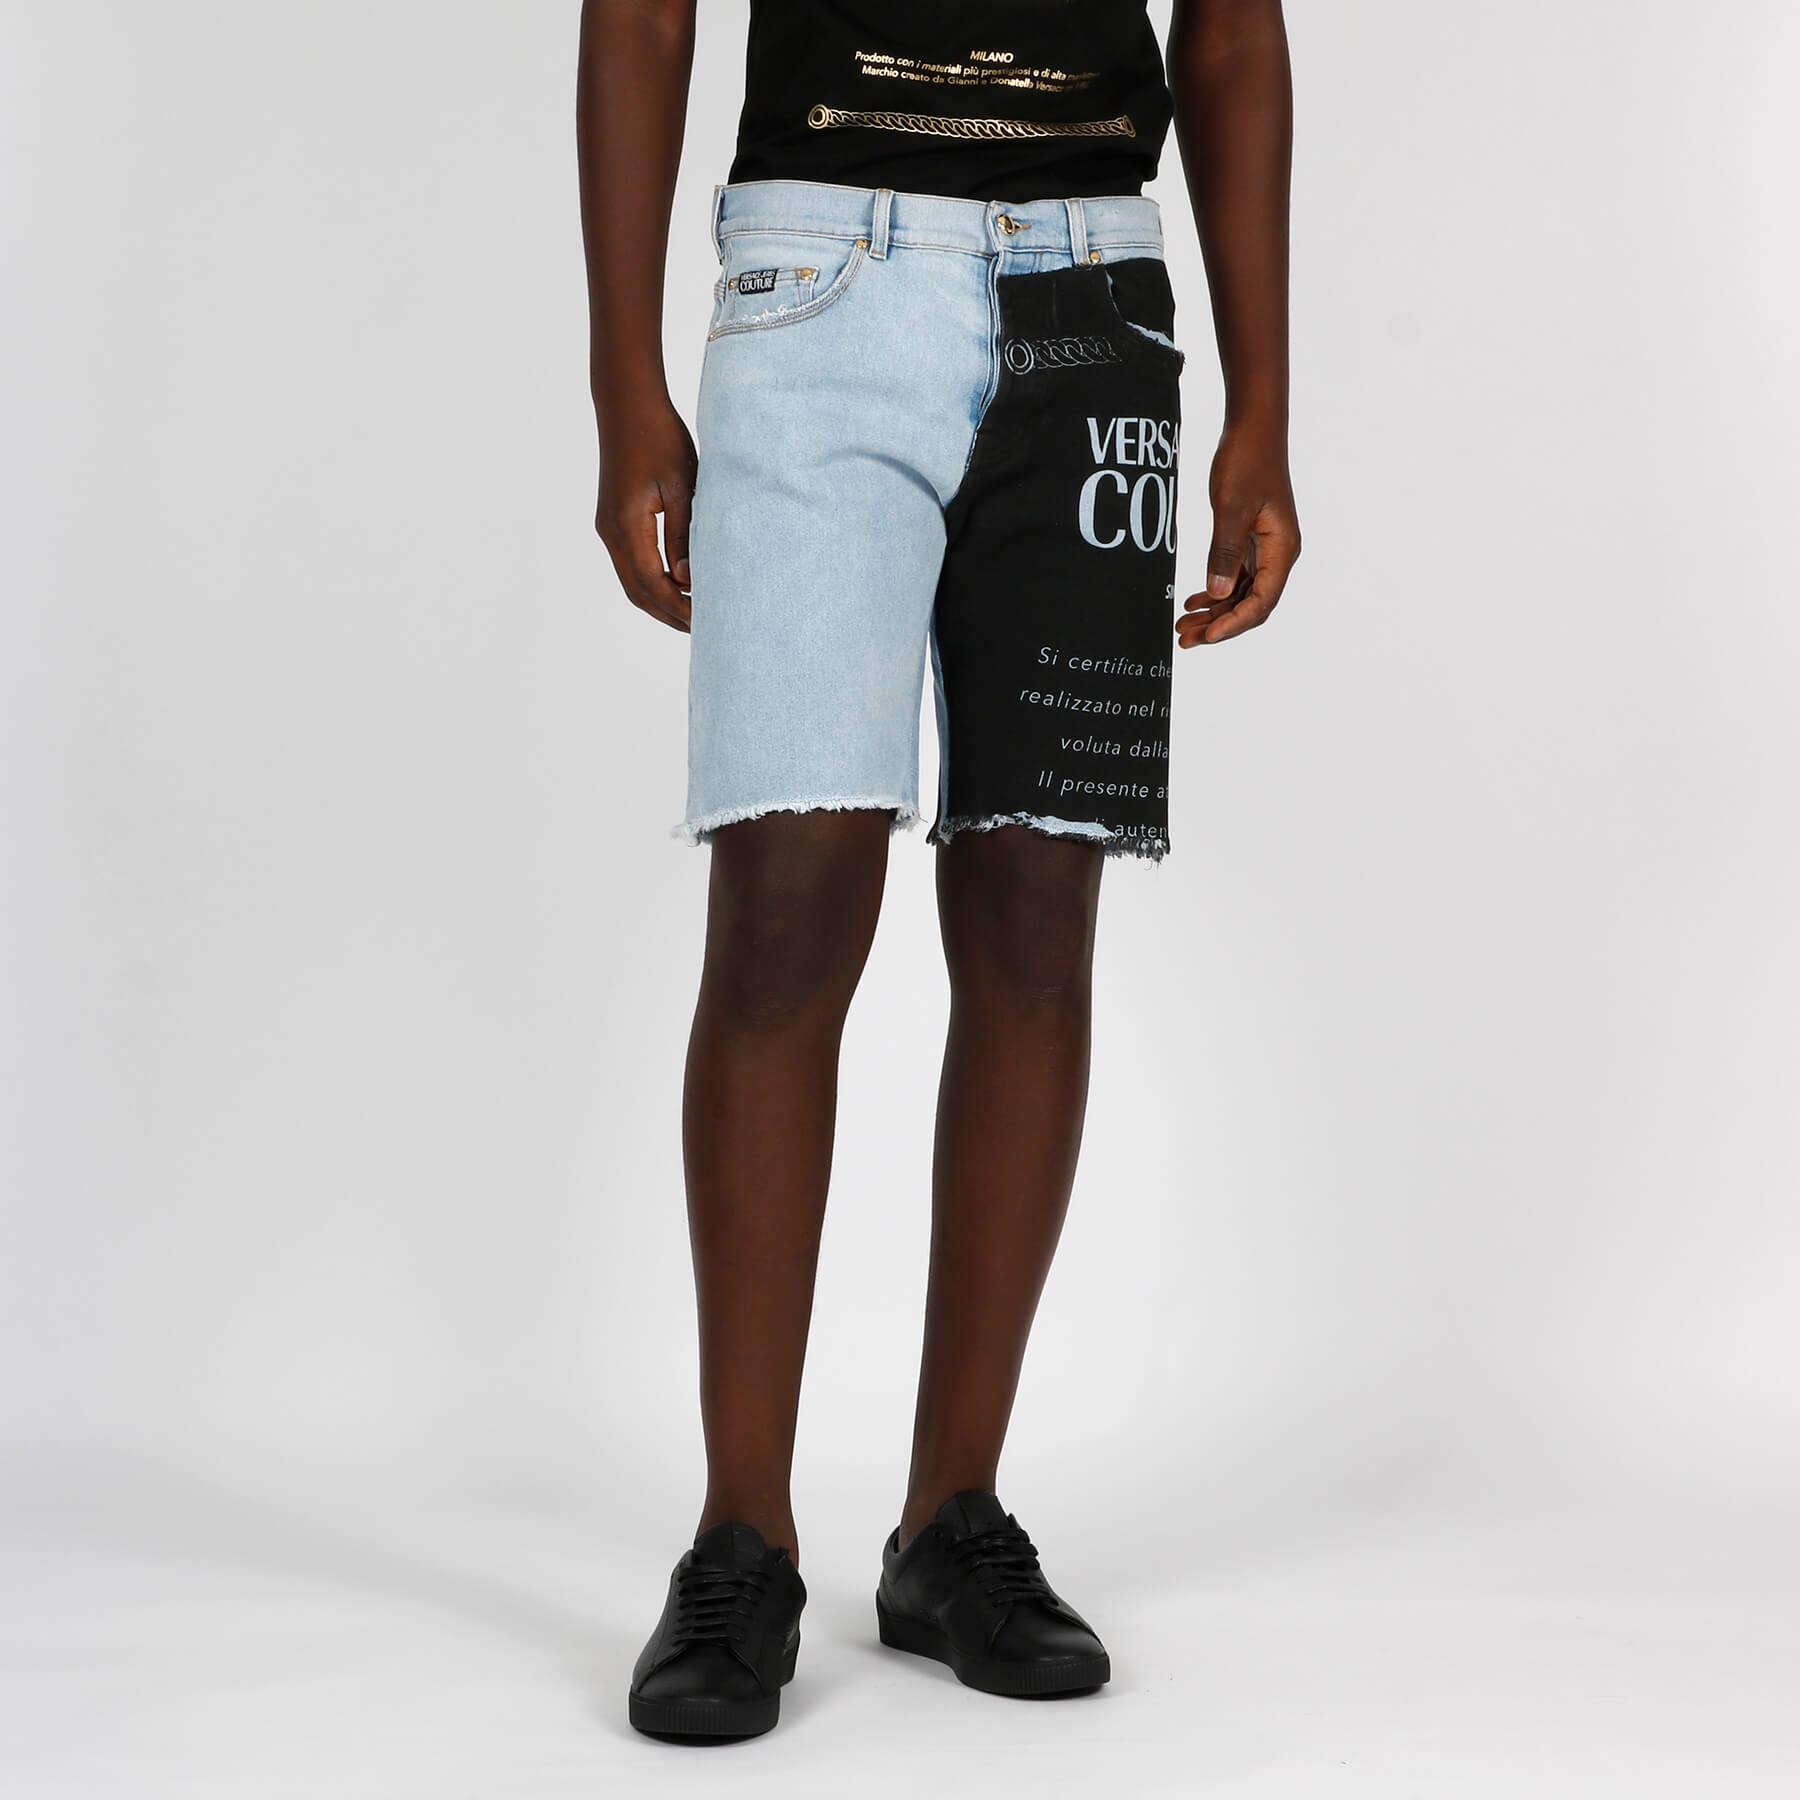 Bermuda jeans logo garanzia - Denim